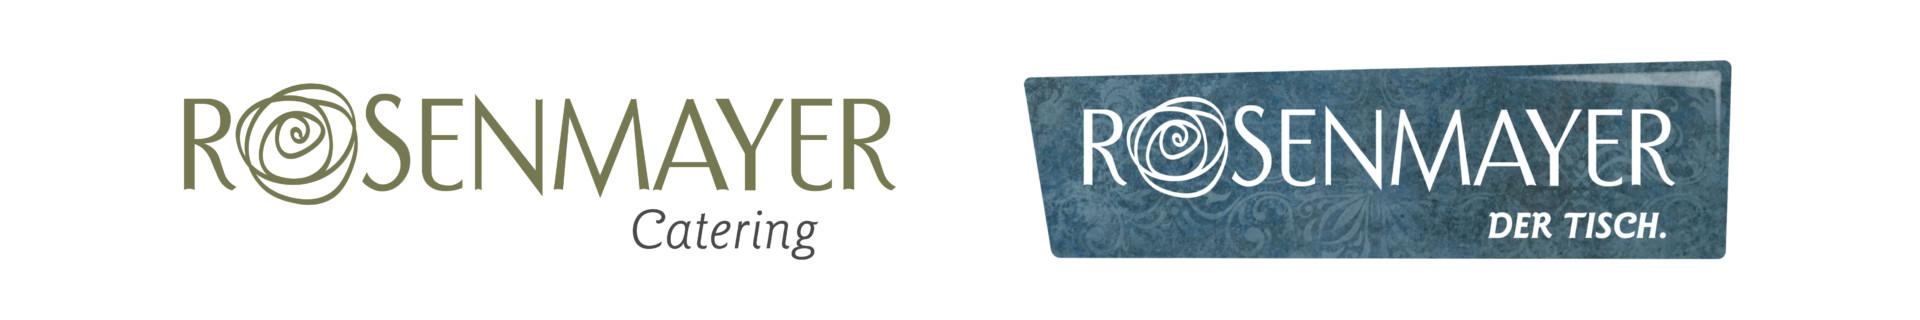 logo-corporate-rosenmayer-b2-werbeagentur.jpg